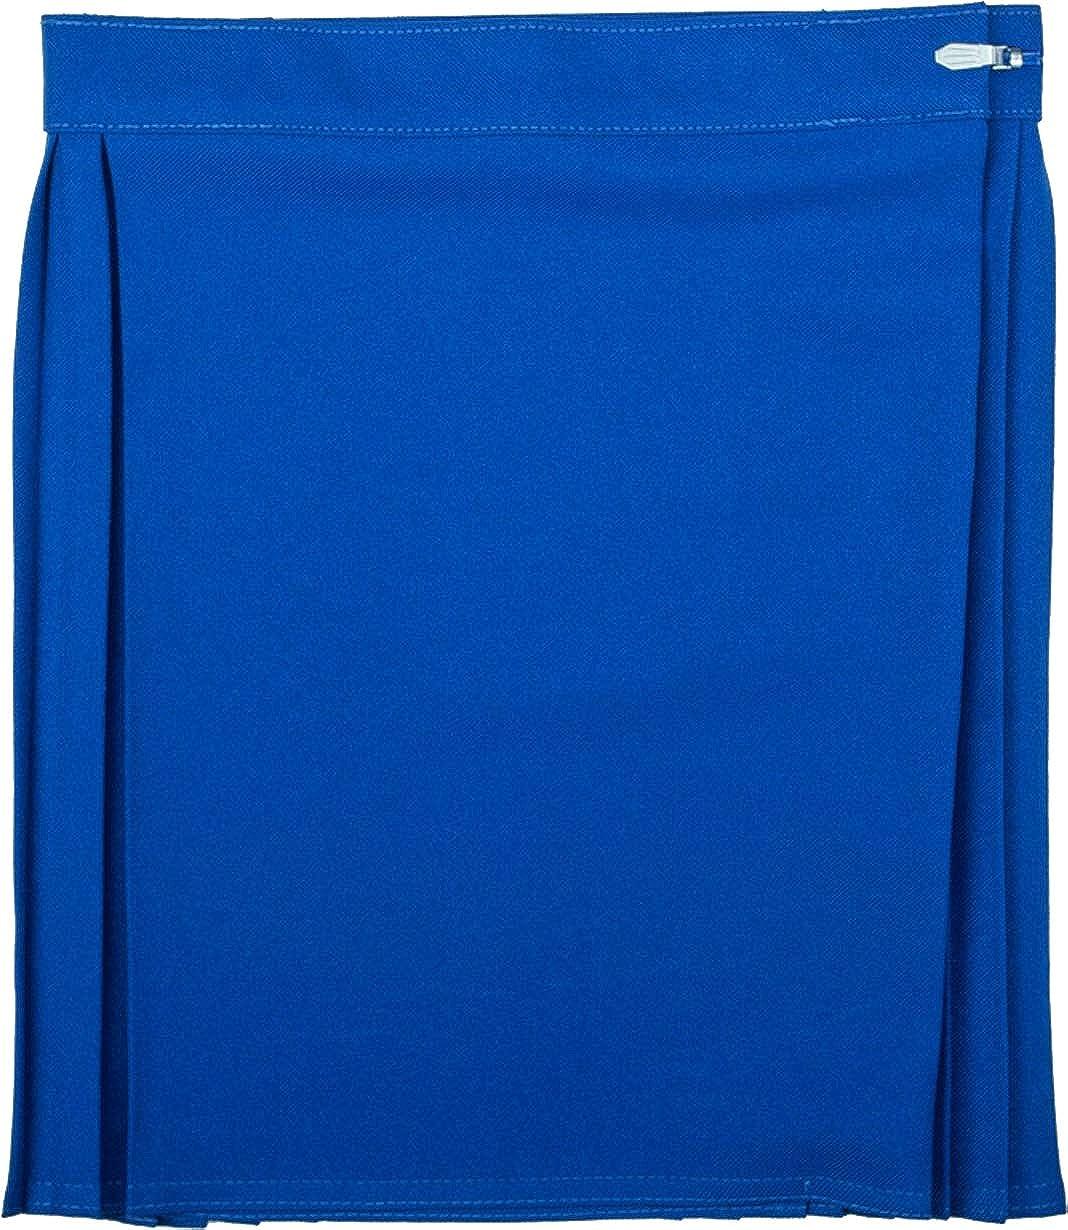 Sports Netball Gym Skirt New Waist Size 22-40 Girls Summer School Uniform P.E